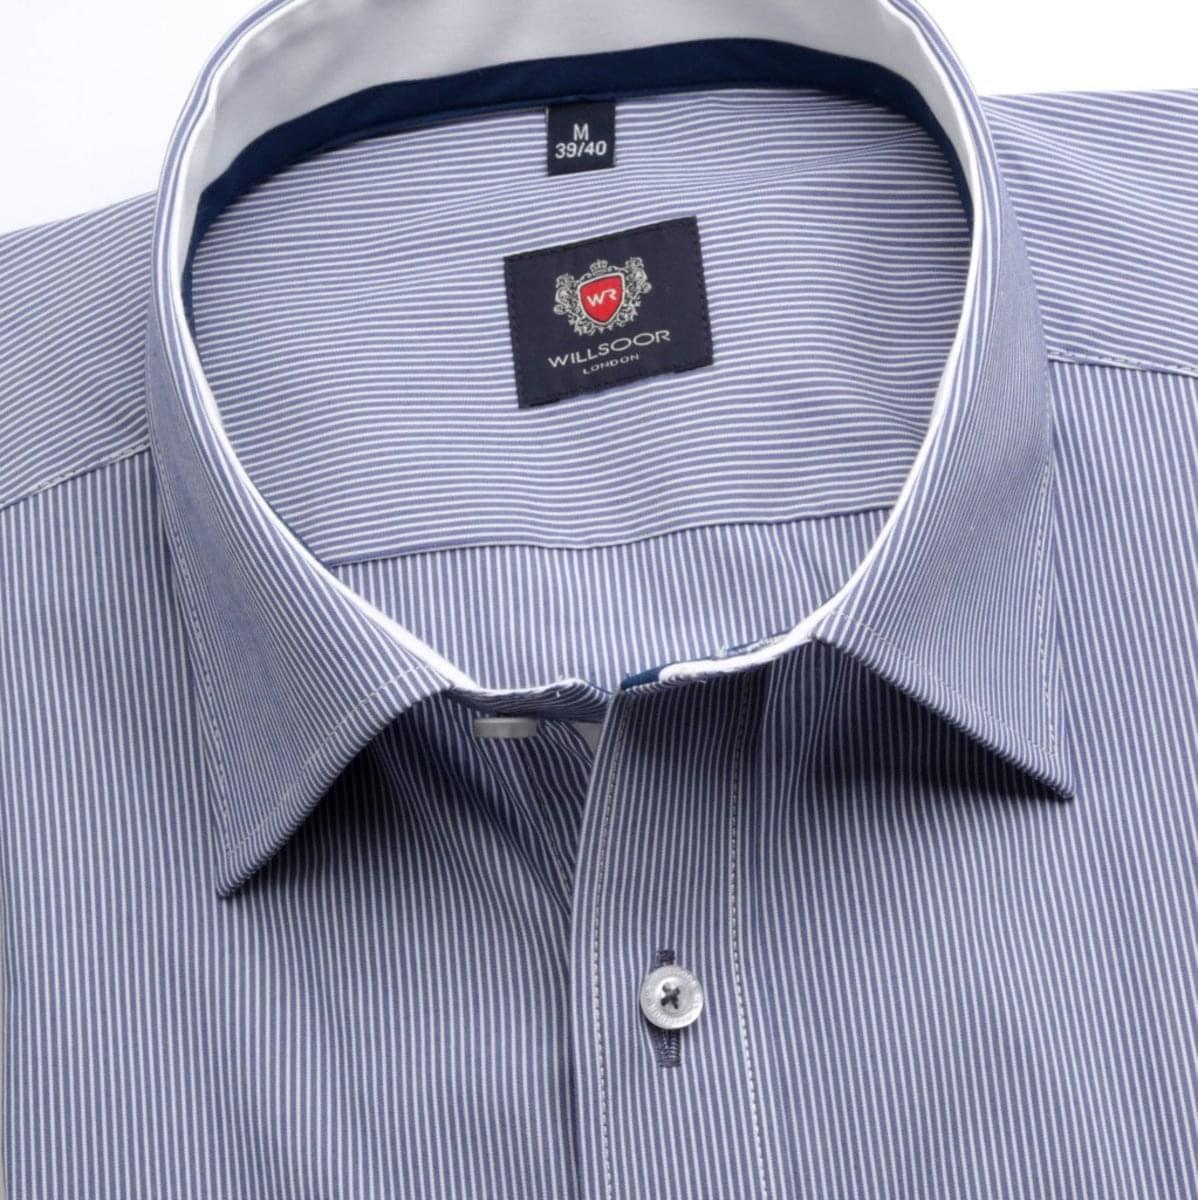 Pánska klasická košeľa London (výška 188-194) 6882 v modré farbe s bielym pásikom 188-194 / L (41/42)